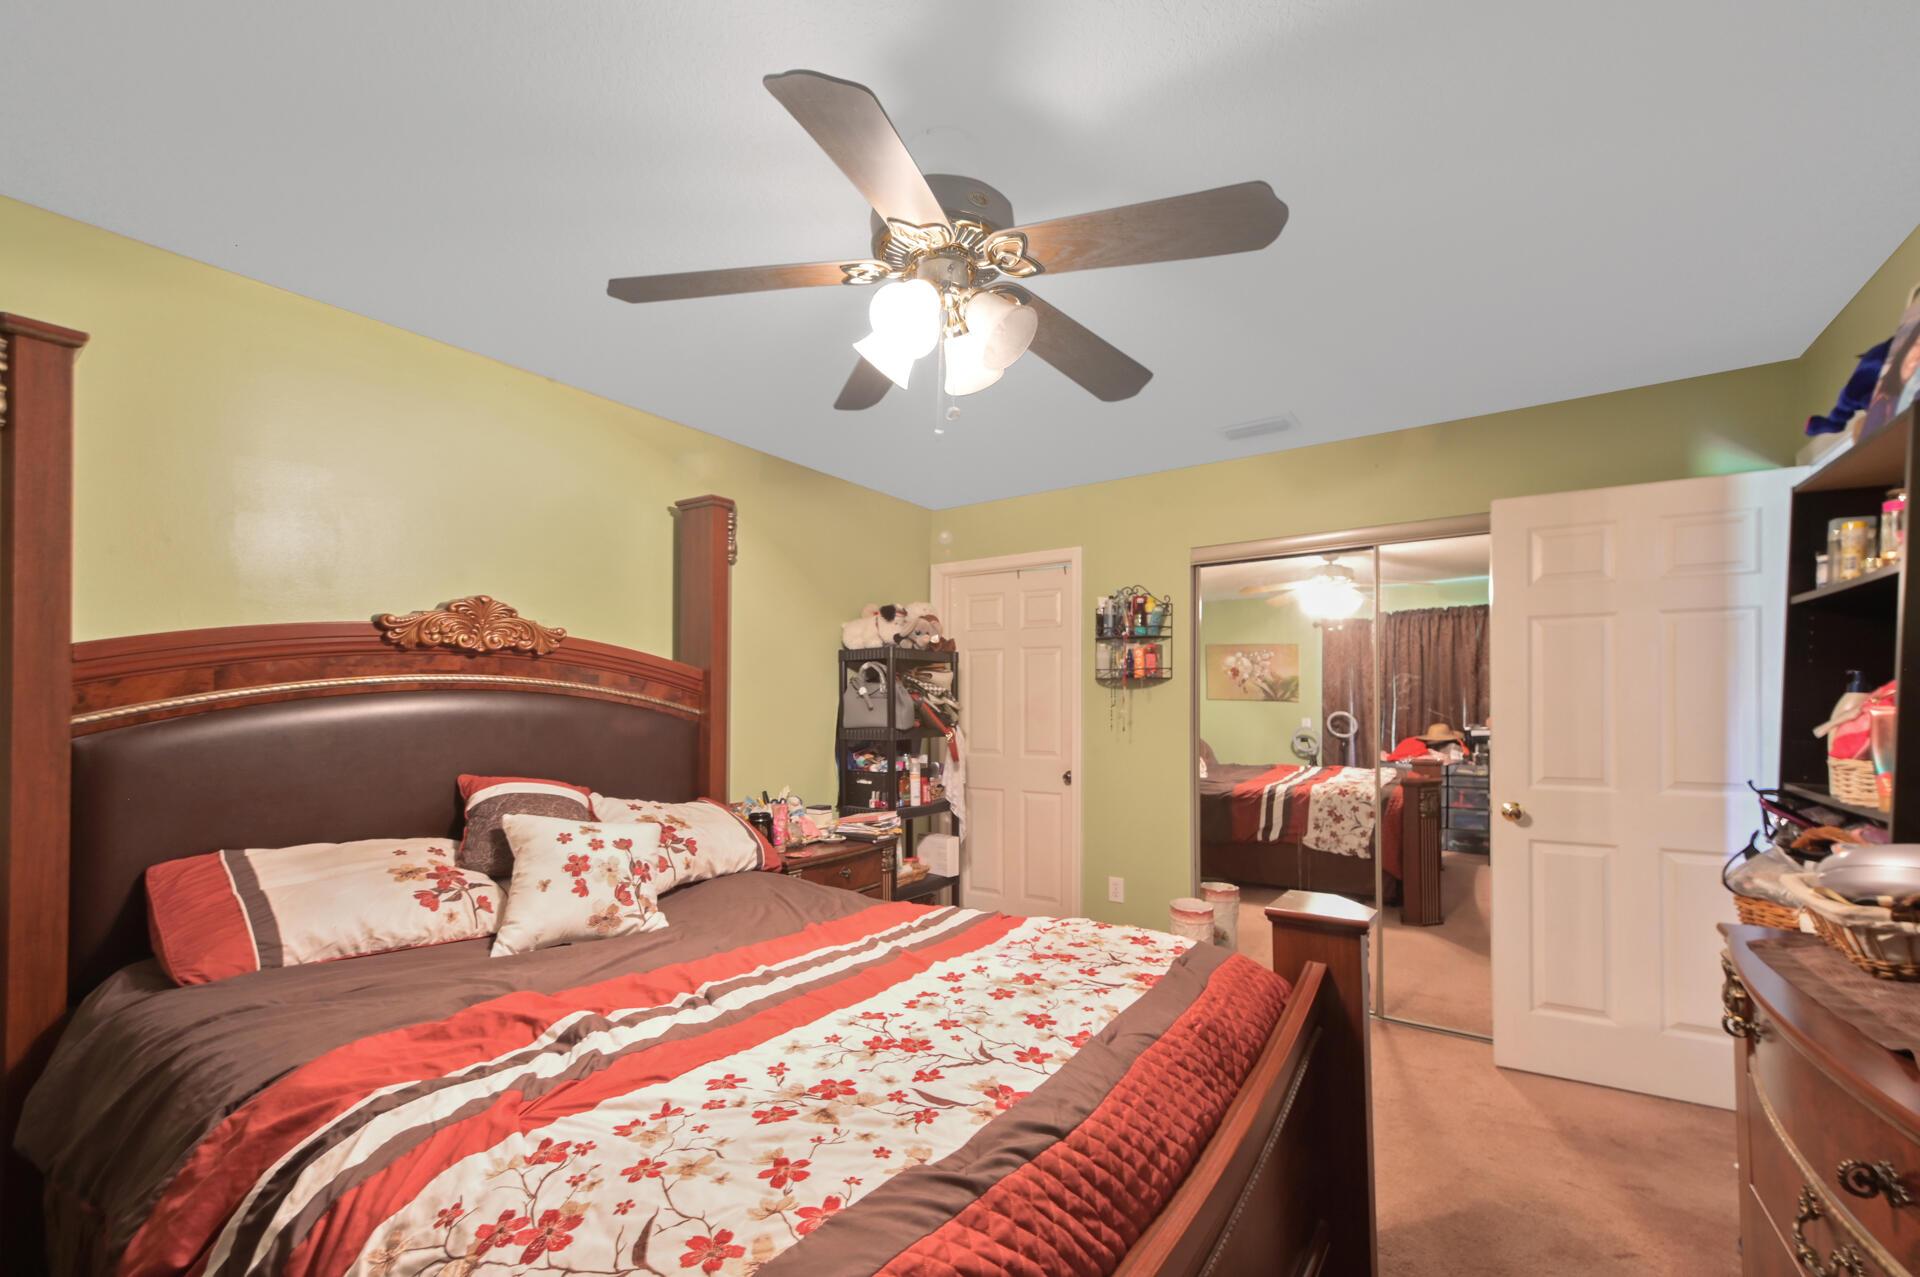 1020-03 Bedroom_004